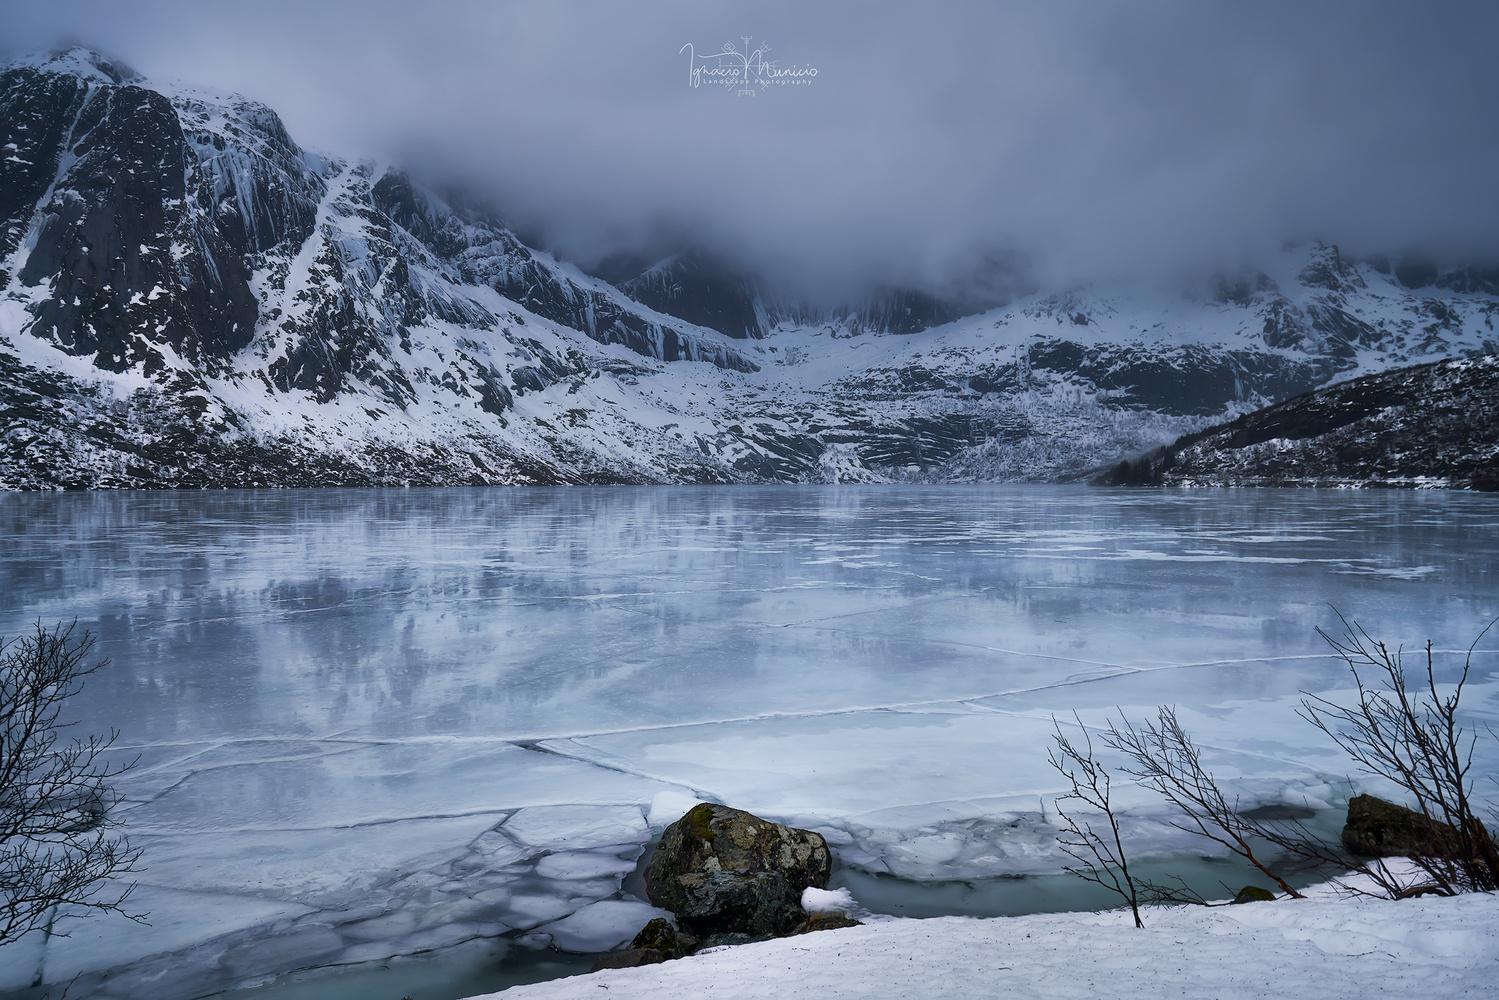 Frozen by Ignacio Municio